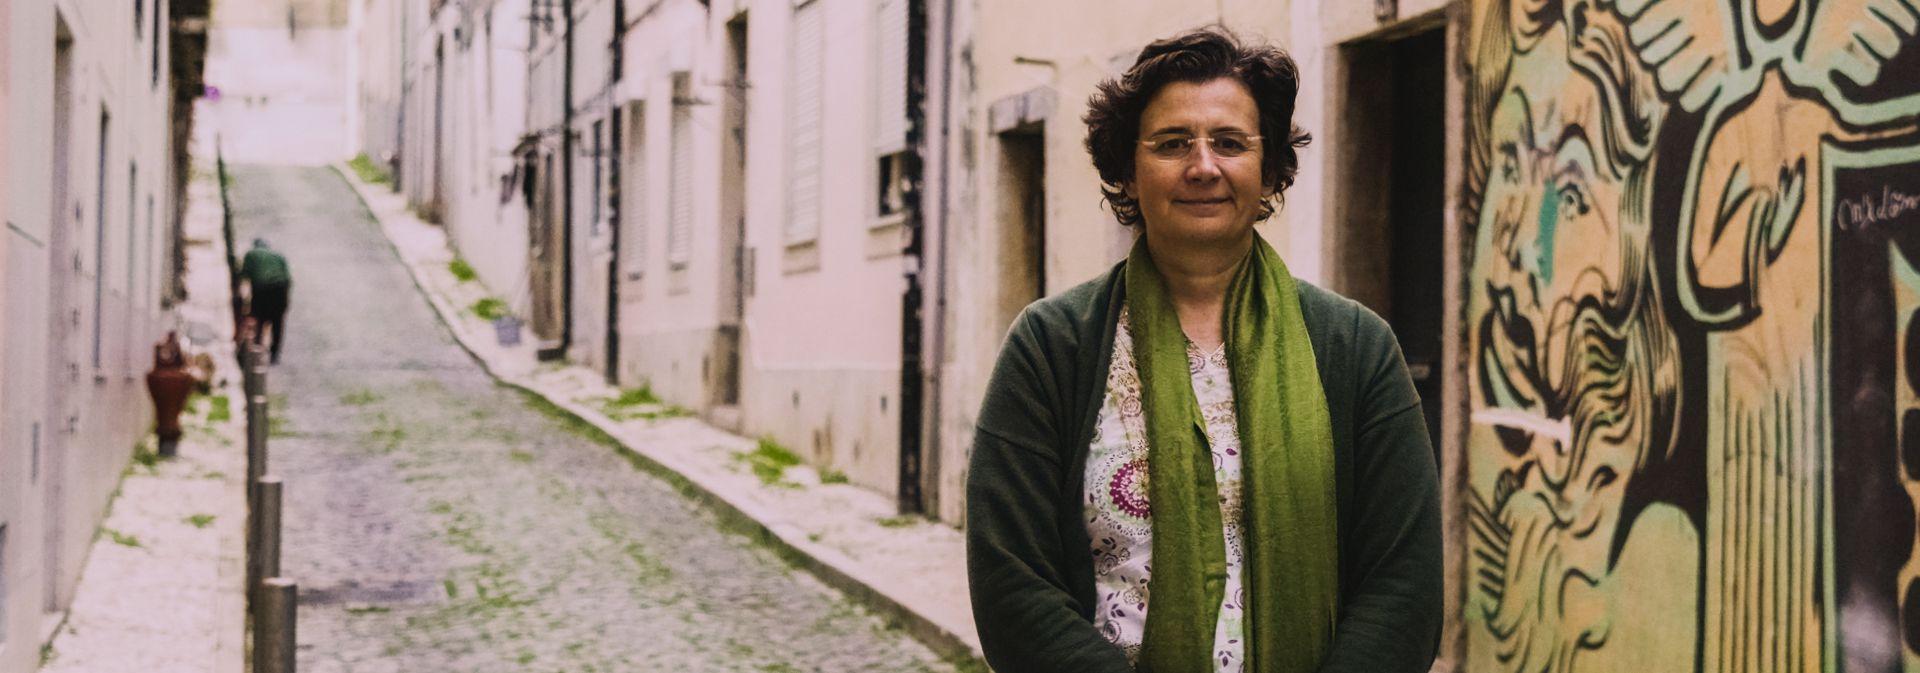 """Entrevista. Raquel Vaz-Pinto: """"Há um conjunto de eleitores que estão genuinamente zangados, frustrados e que é preciso ouvir"""""""